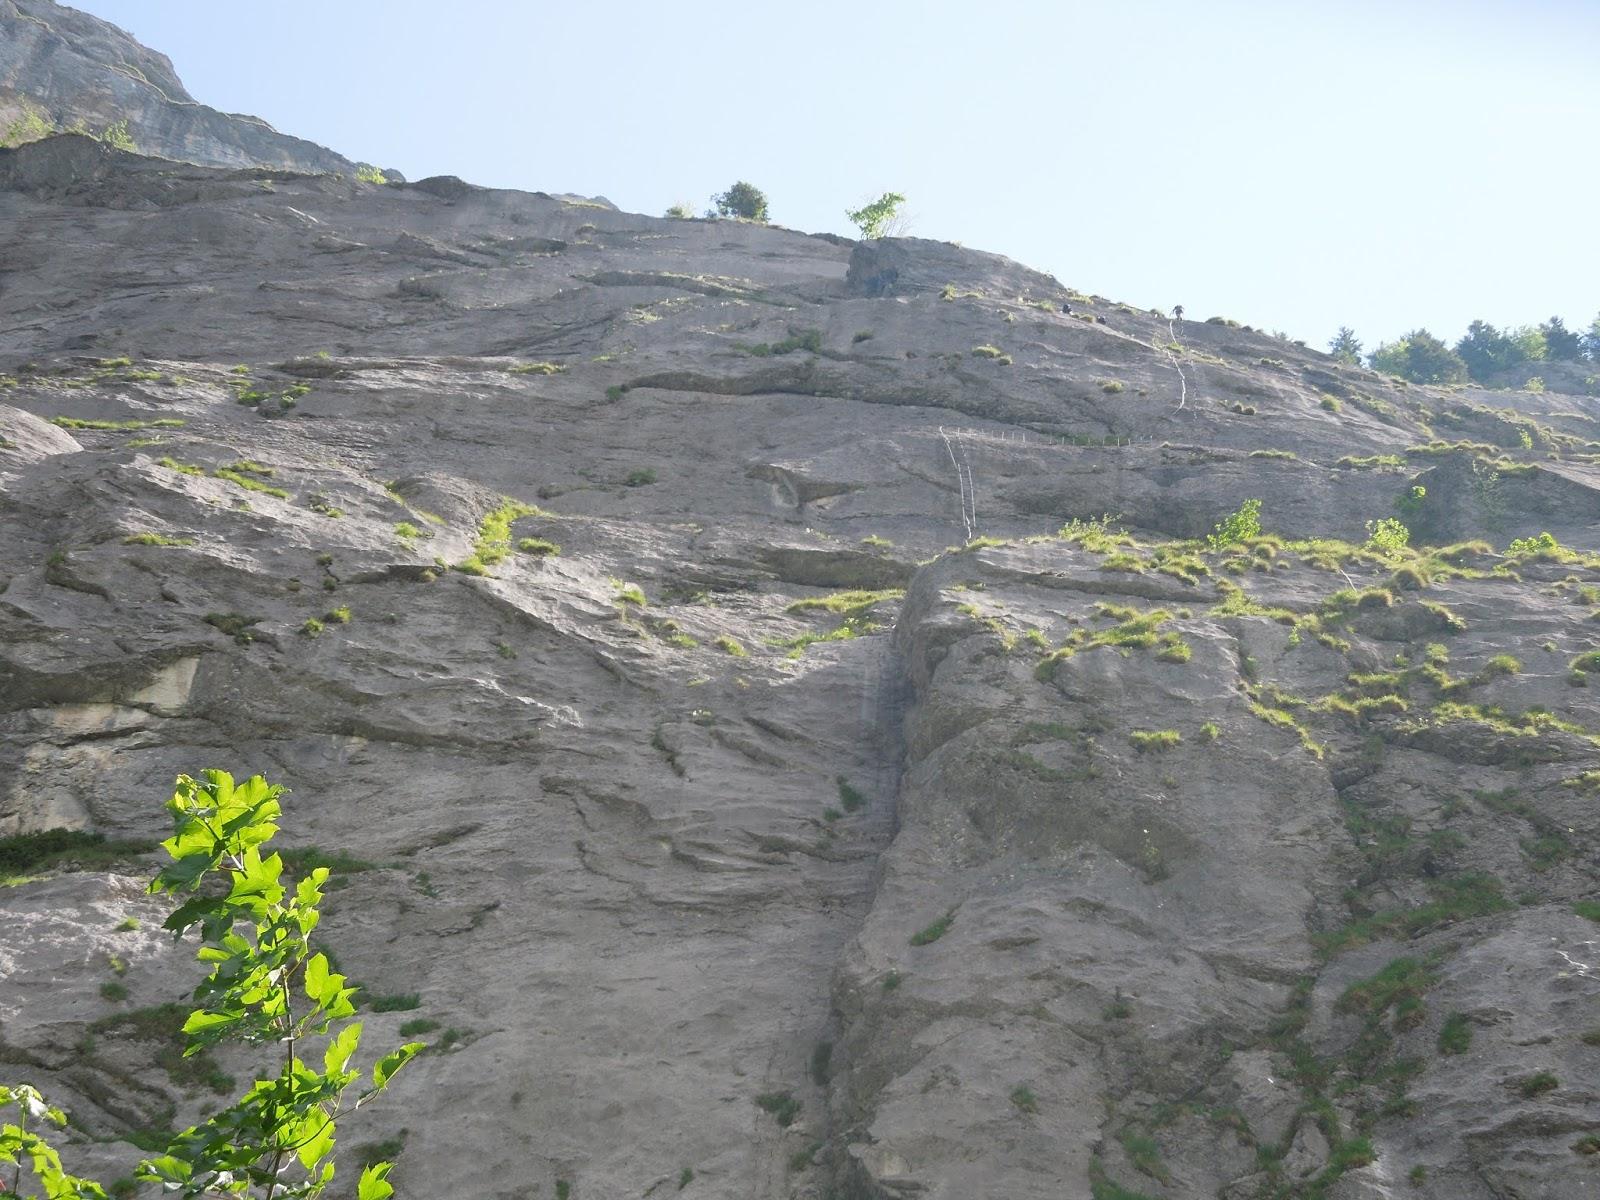 Klettersteig Fürenwand : Dumbo s wanderungen klettersteig fürenwand